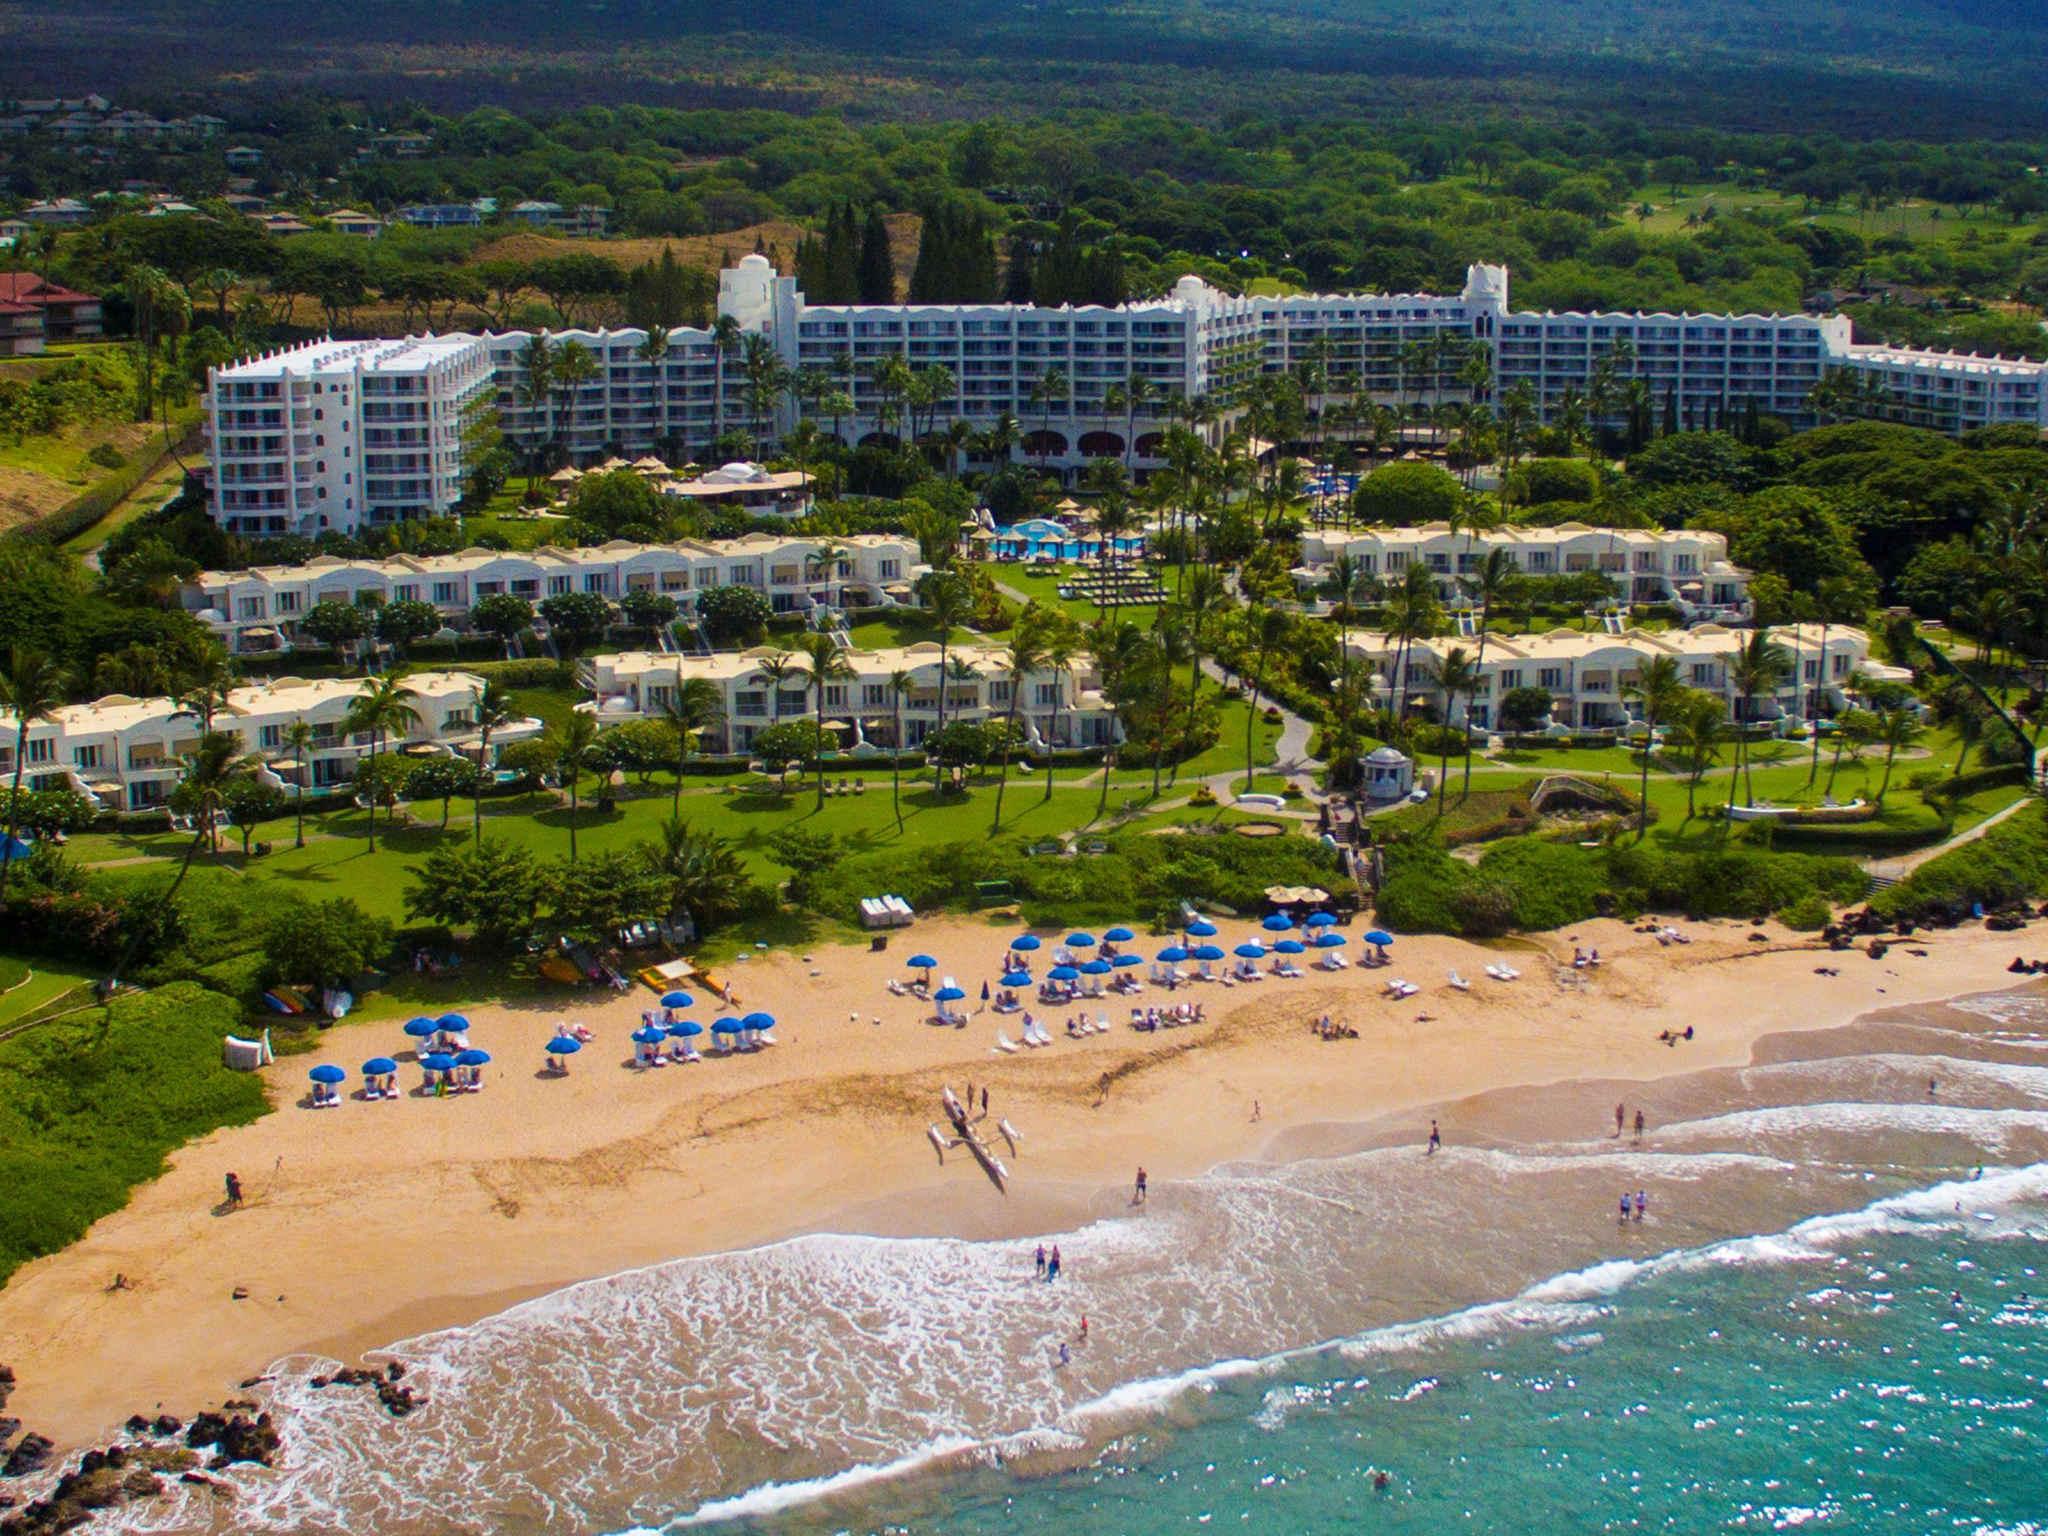 Hotel - Fairmont Kea Lani - Maui